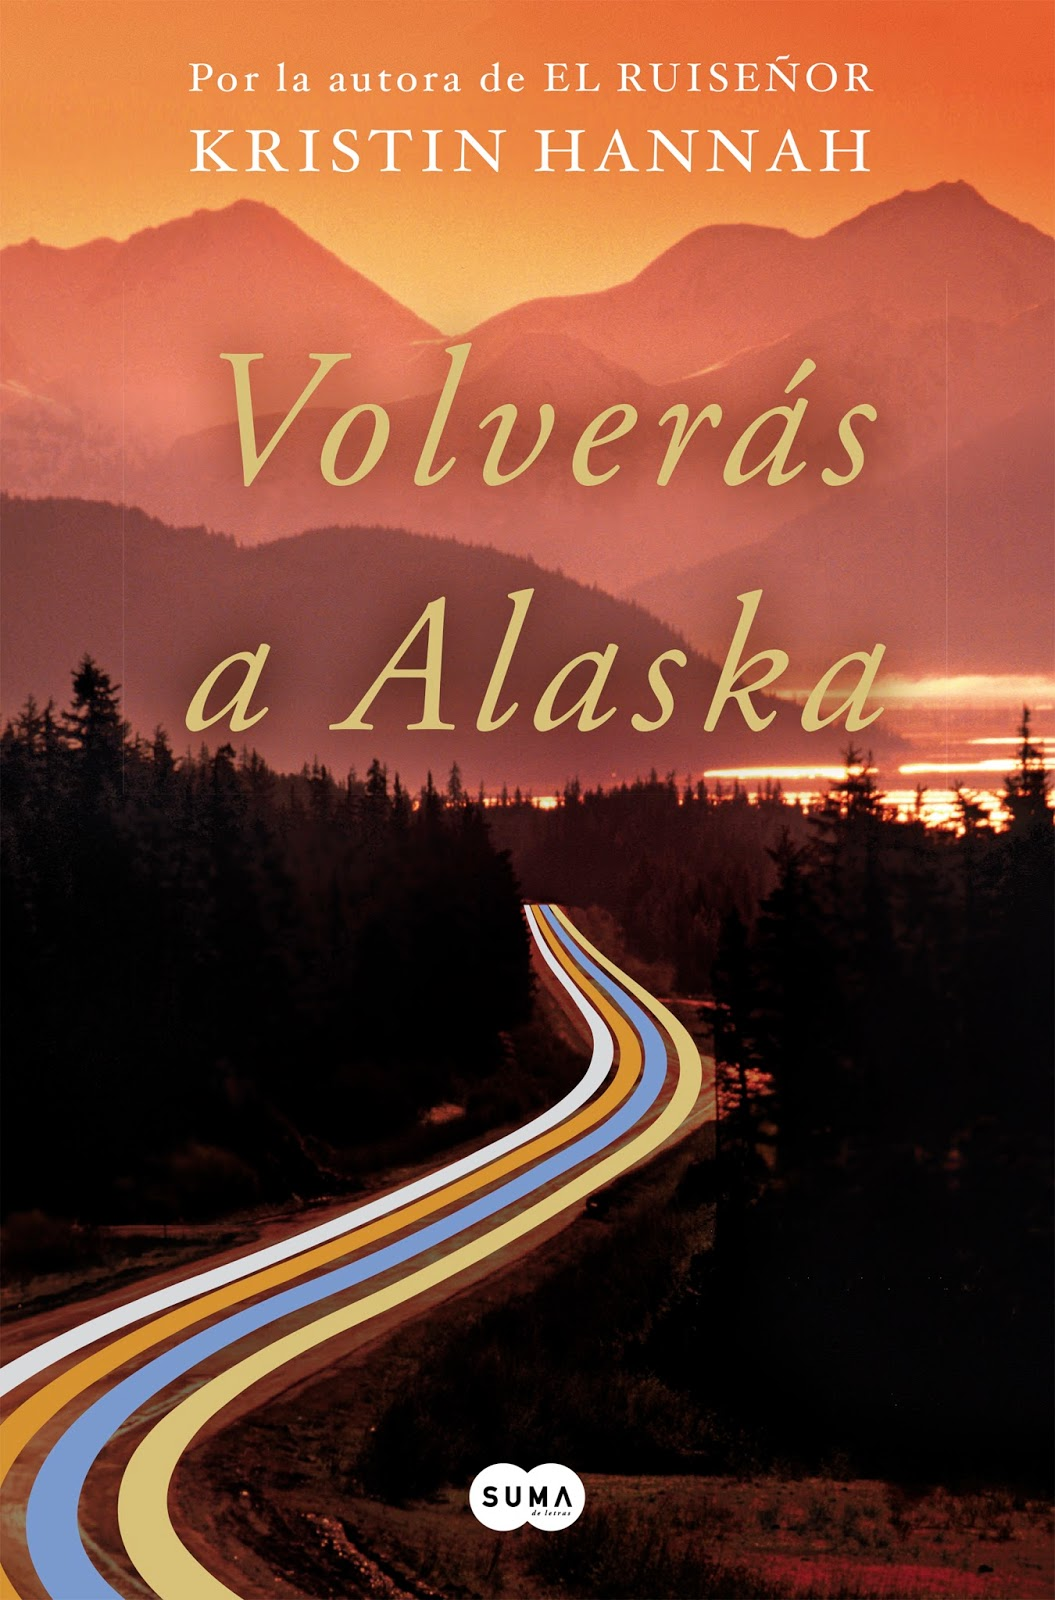 Volverás a Alaska Book Cover